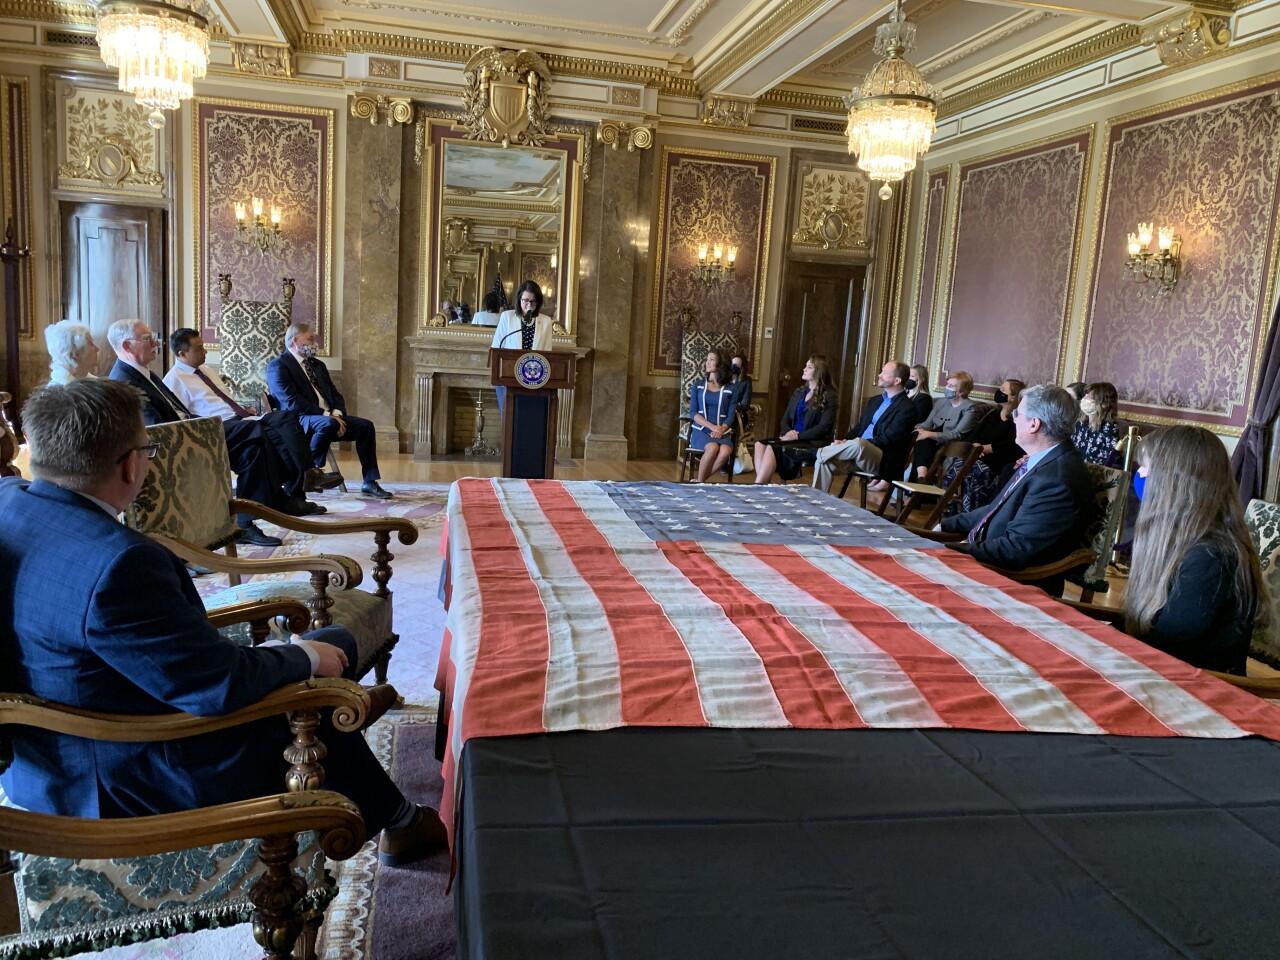 Utah 45-star flag